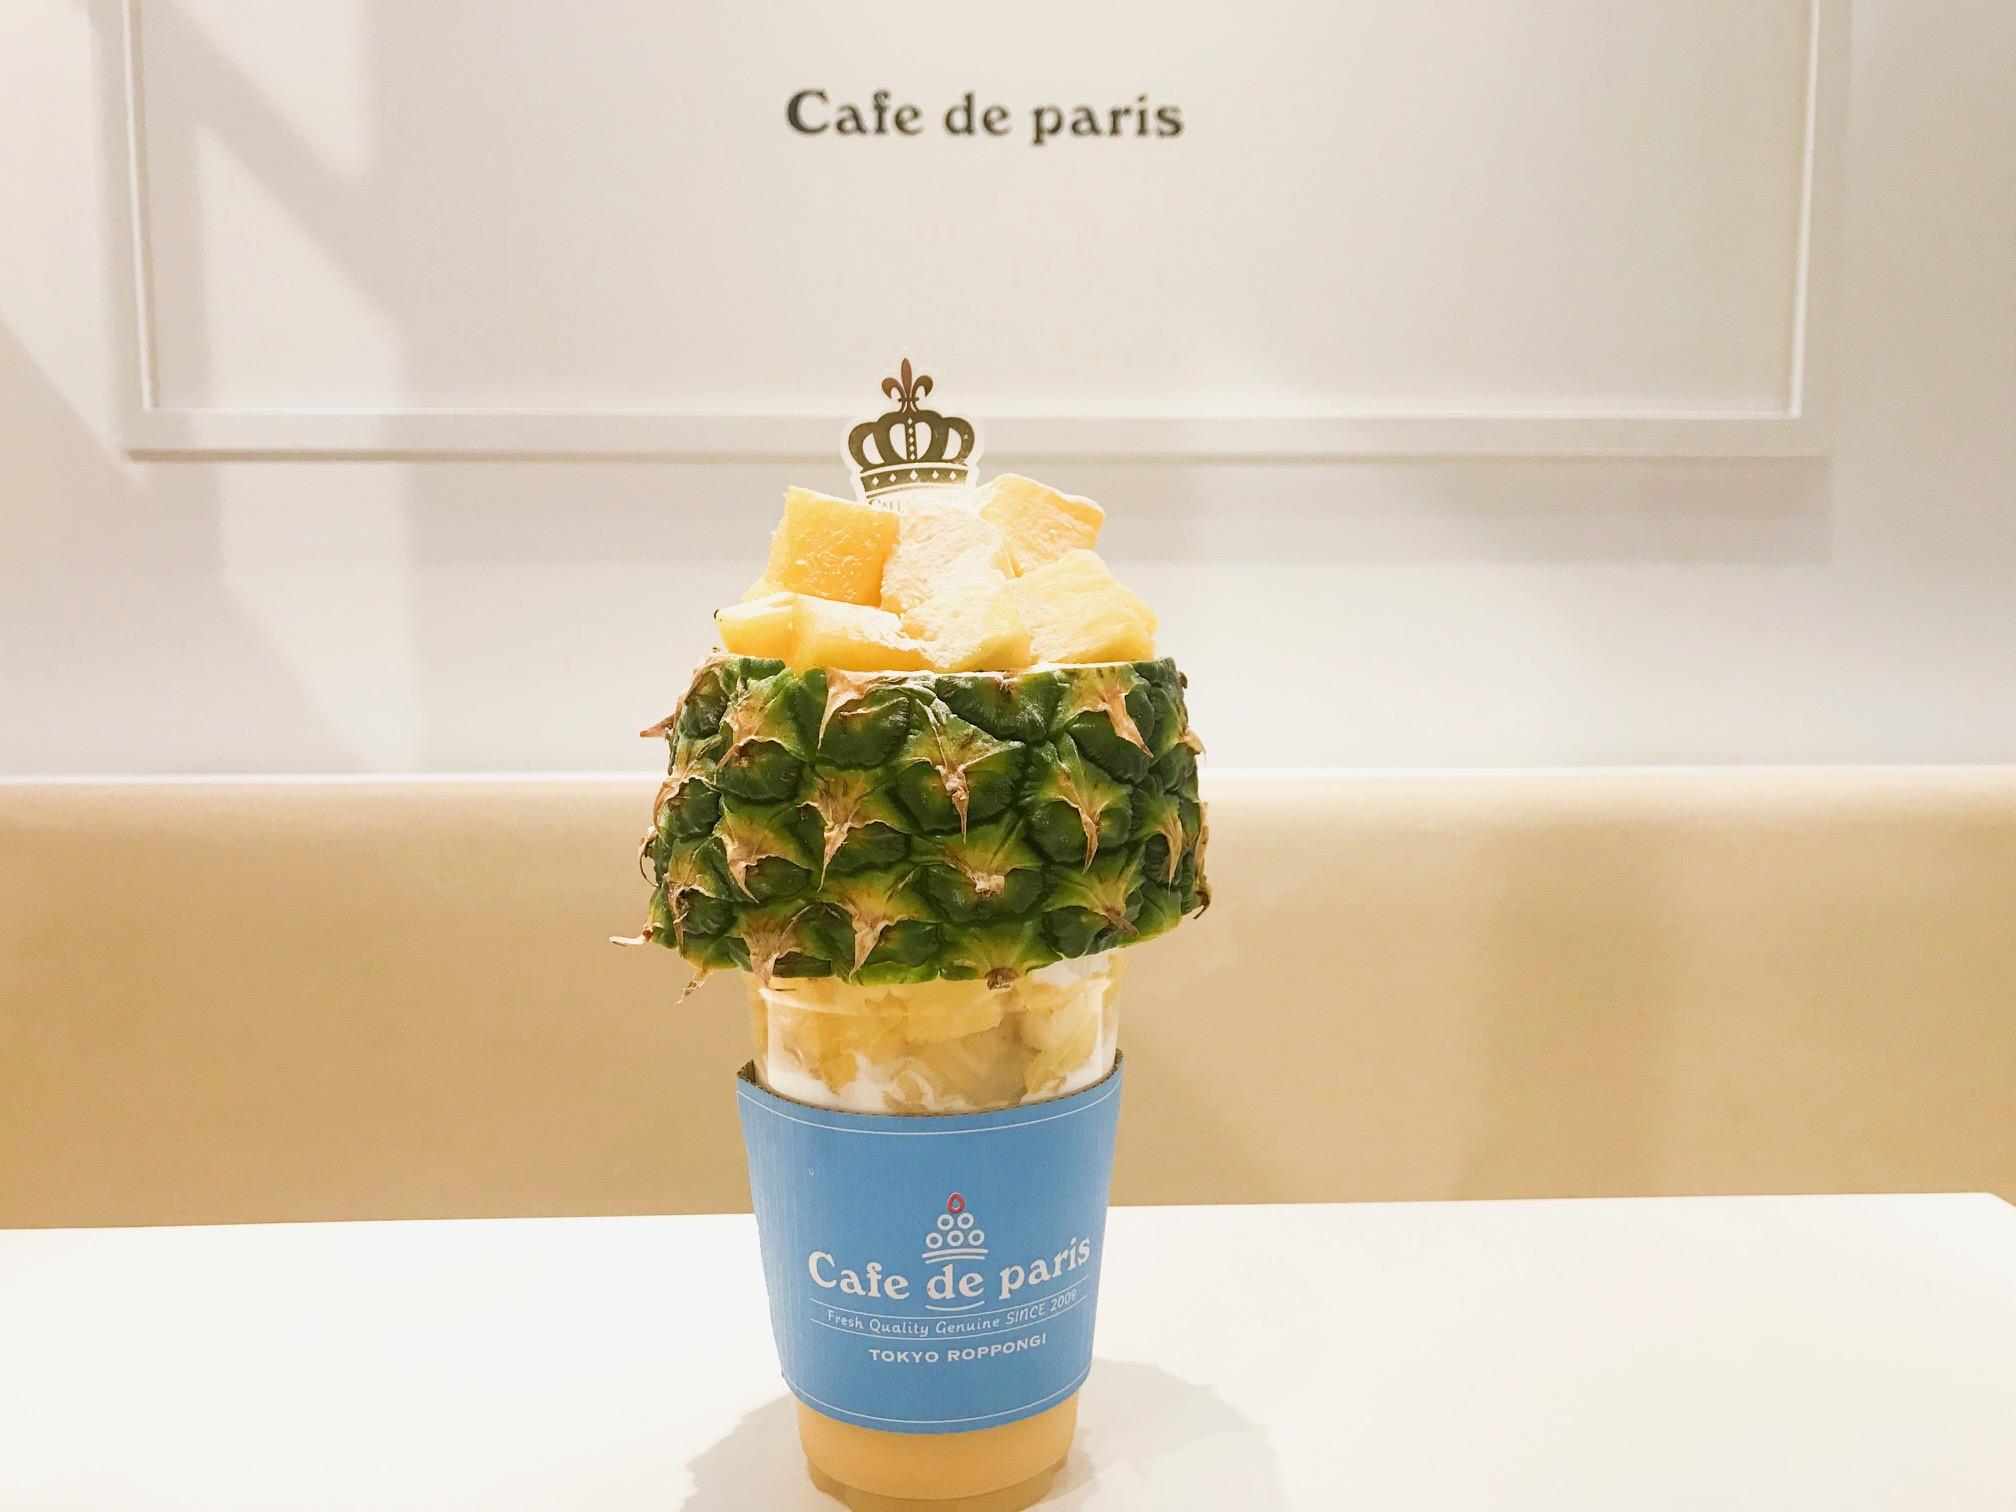 韓国の大人気カフェ『カフェ ド パリ』が「六本木ヒルズ」に期間限定OPEN中。限定「ストロベリーホワイトチョコボンボン」を見逃すな♡_5